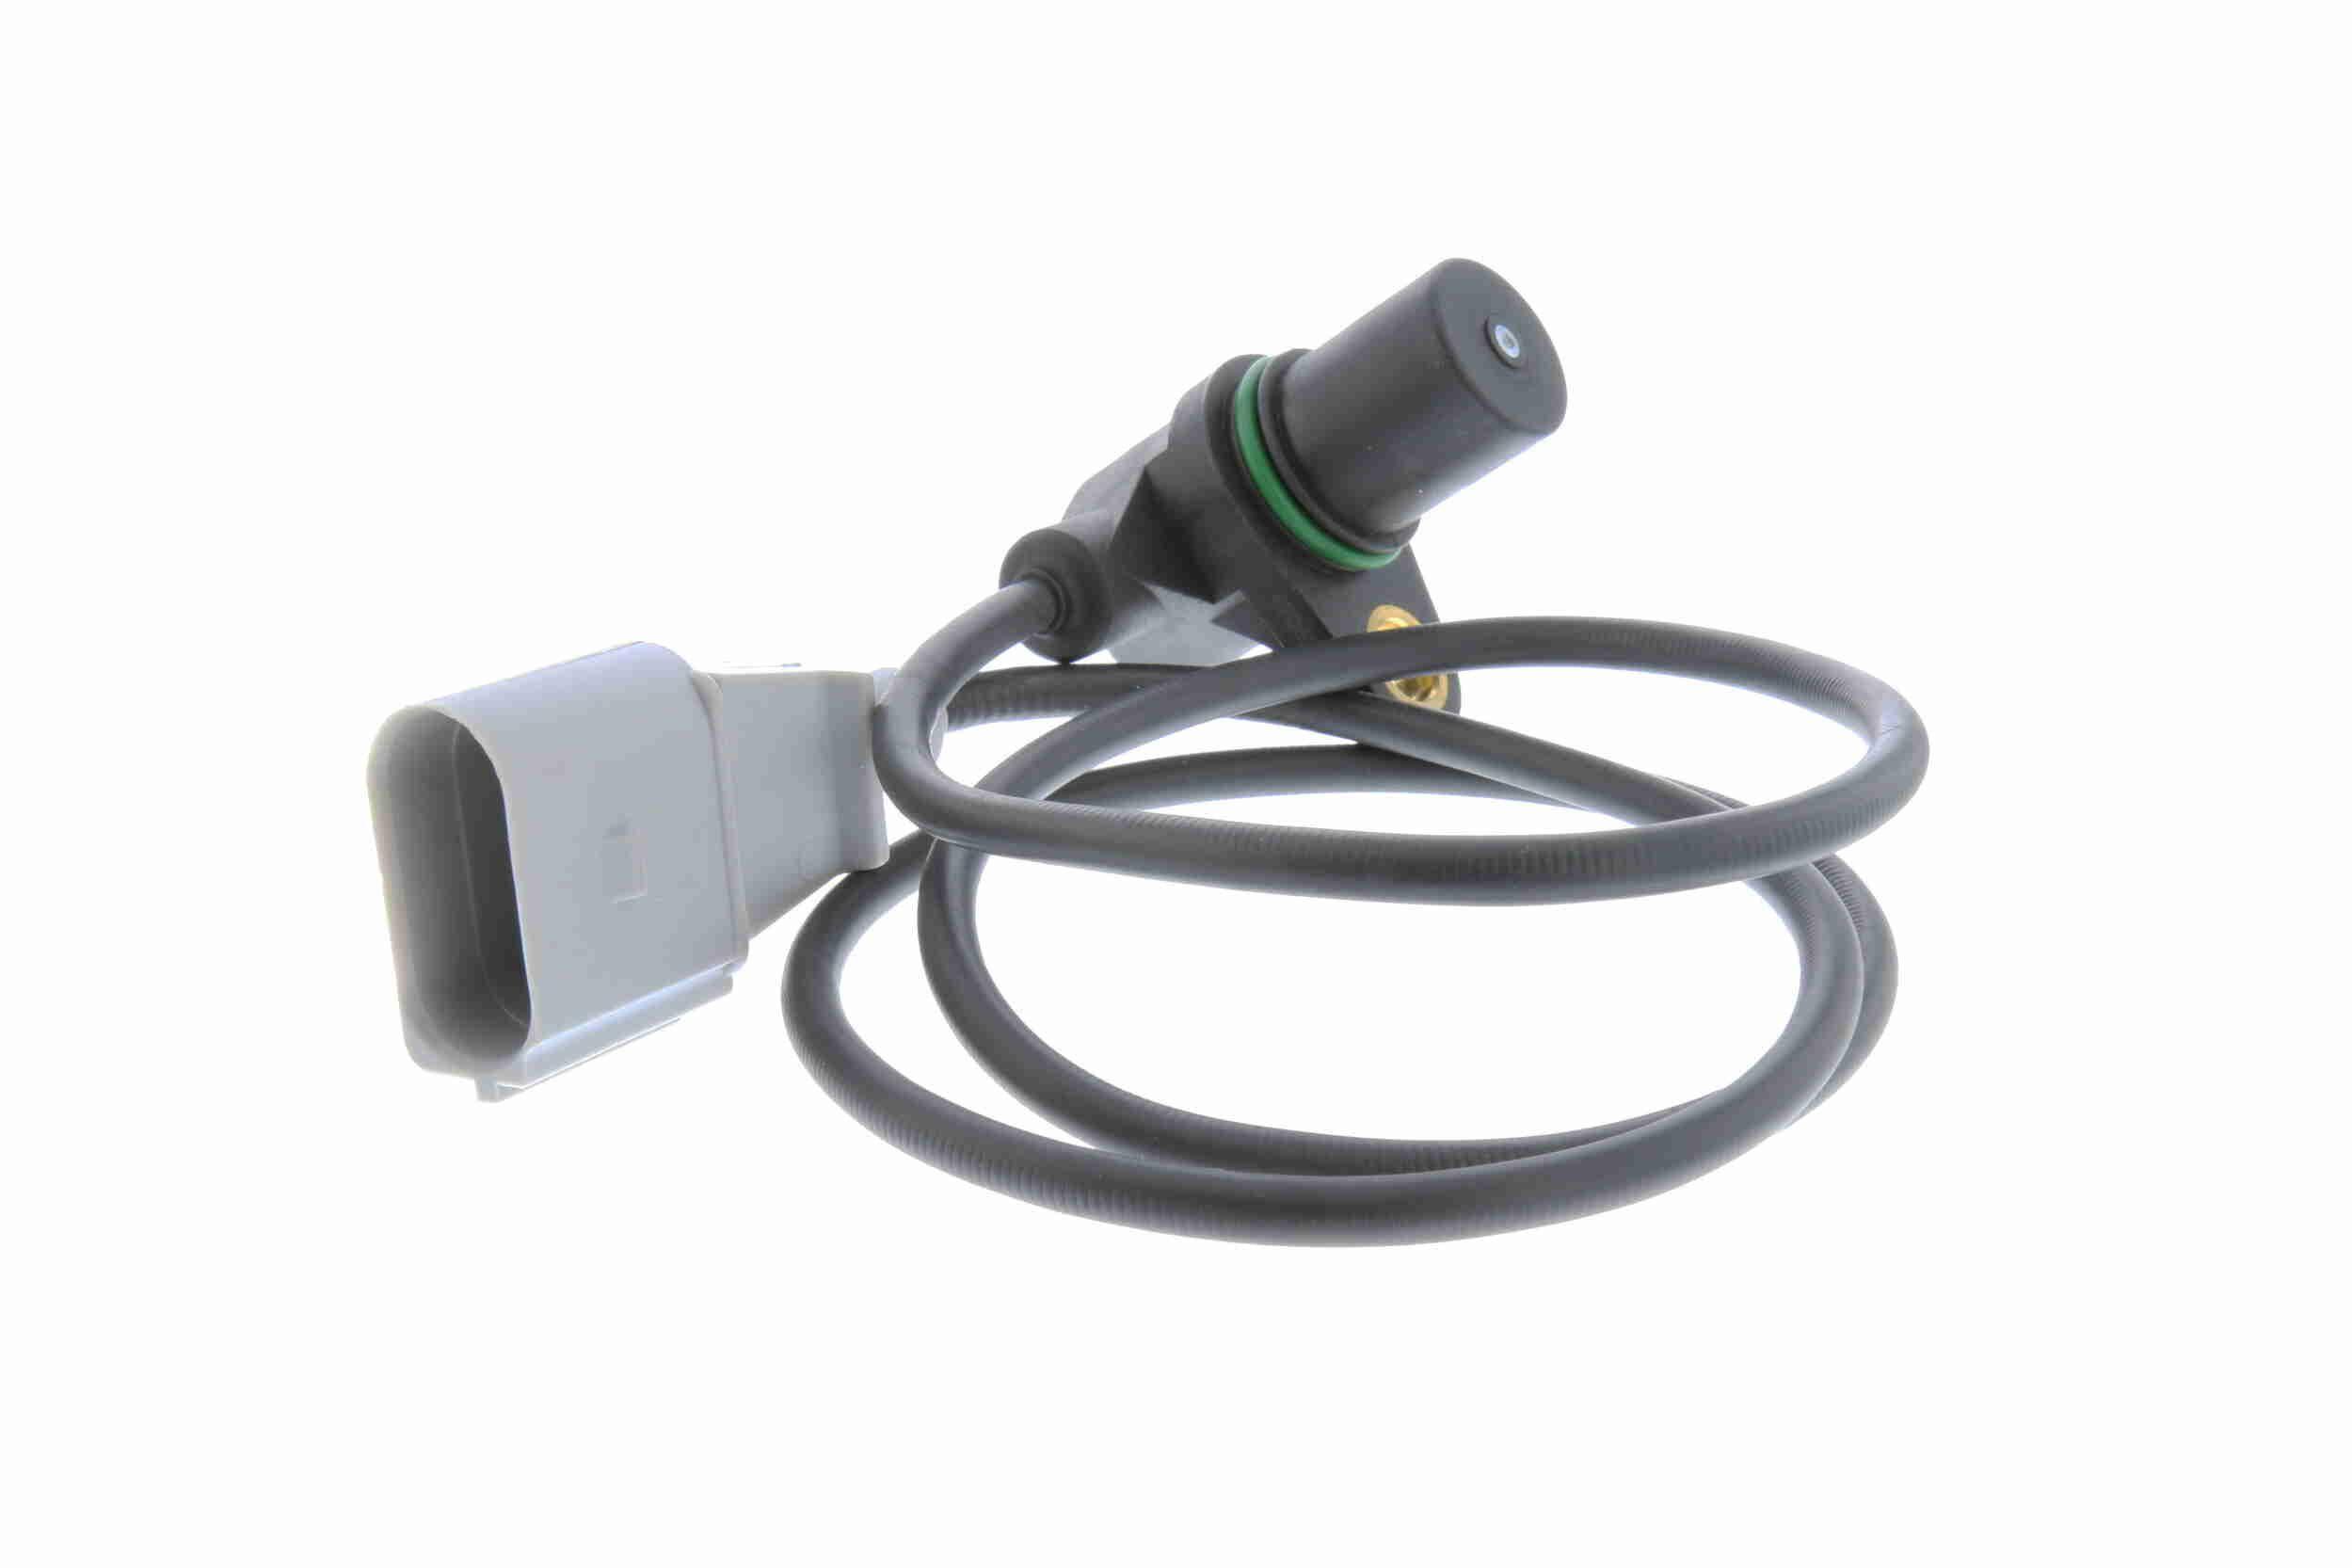 V10-72-1227 VEMO für Kurbelwelle, Original VEMO Qualität Kabellänge: 800mm, Anschlussanzahl: 3, Pol-Anzahl: 3-polig, Widerstand: 0,9kOhm Impulsgeber, Kurbelwelle V10-72-1227 günstig kaufen